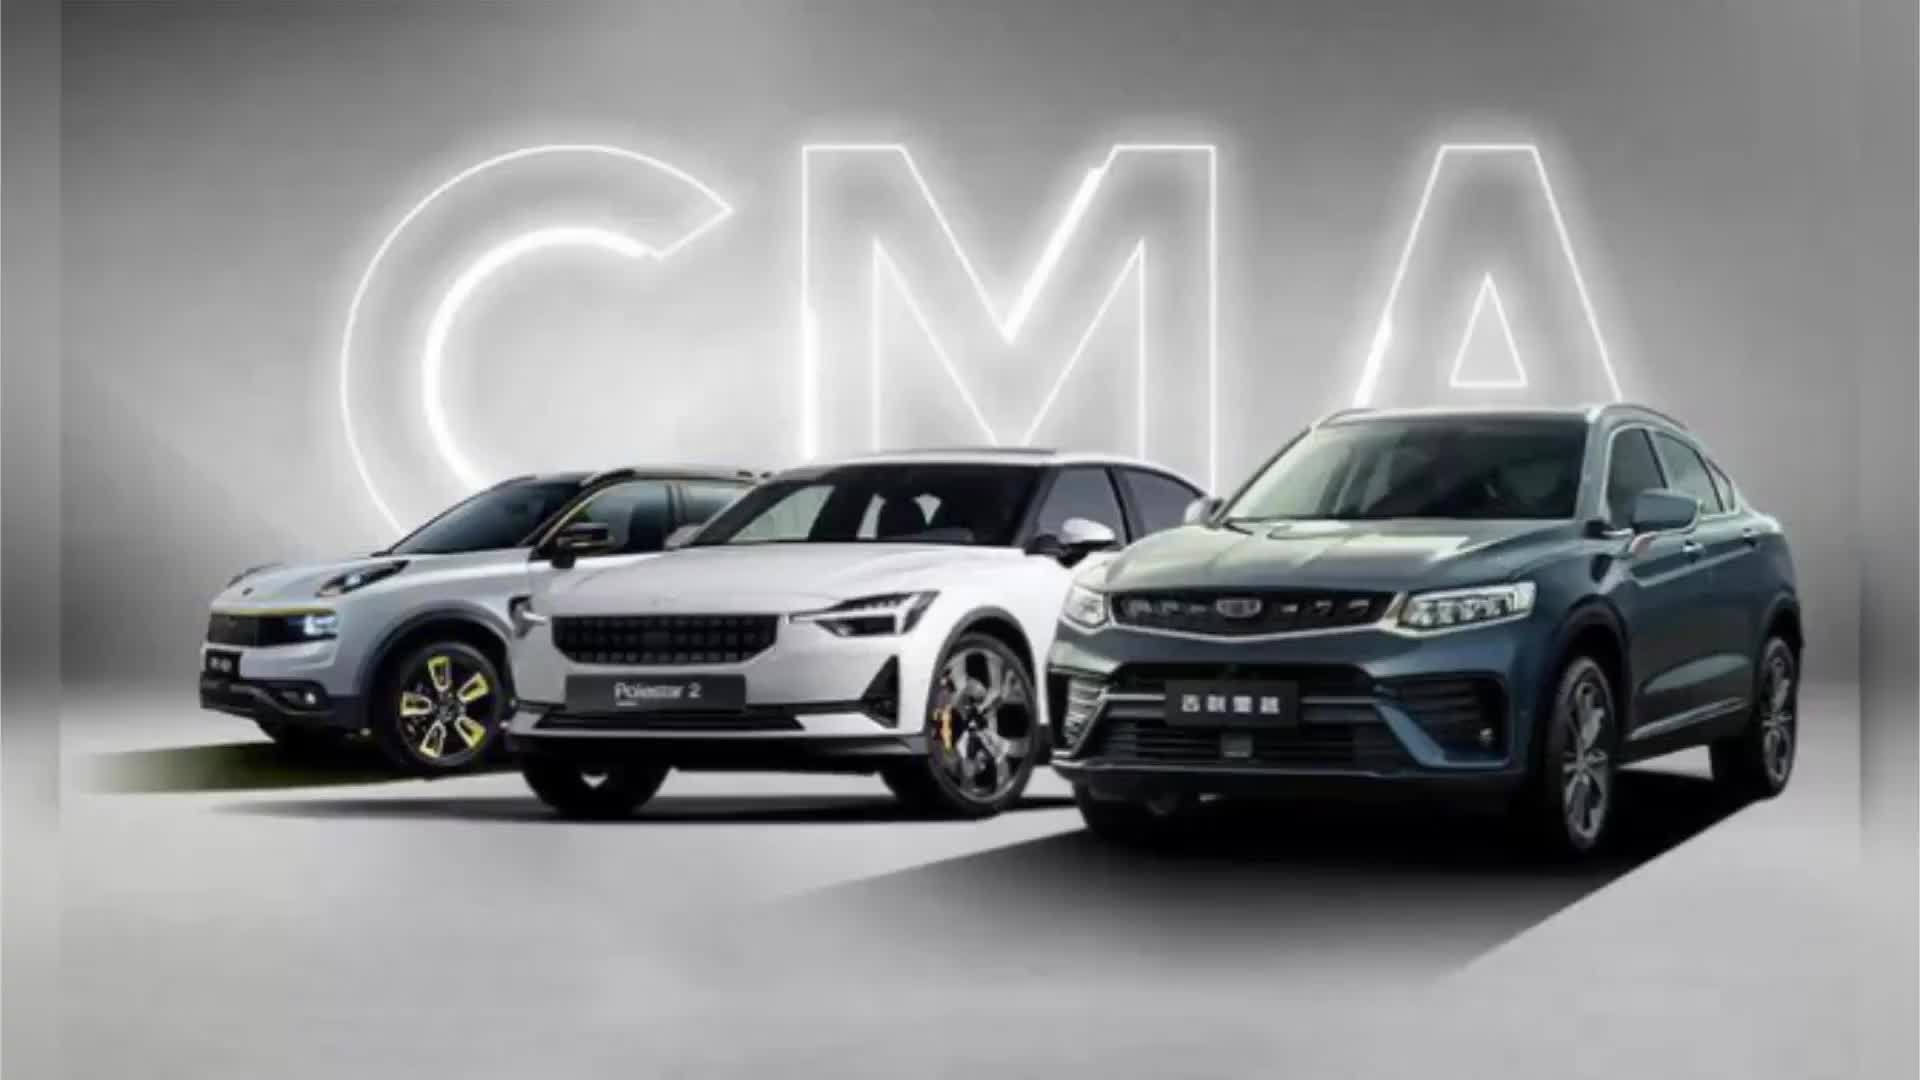 进击的吉利!CMA架构引领中国汽车制造弯道超车